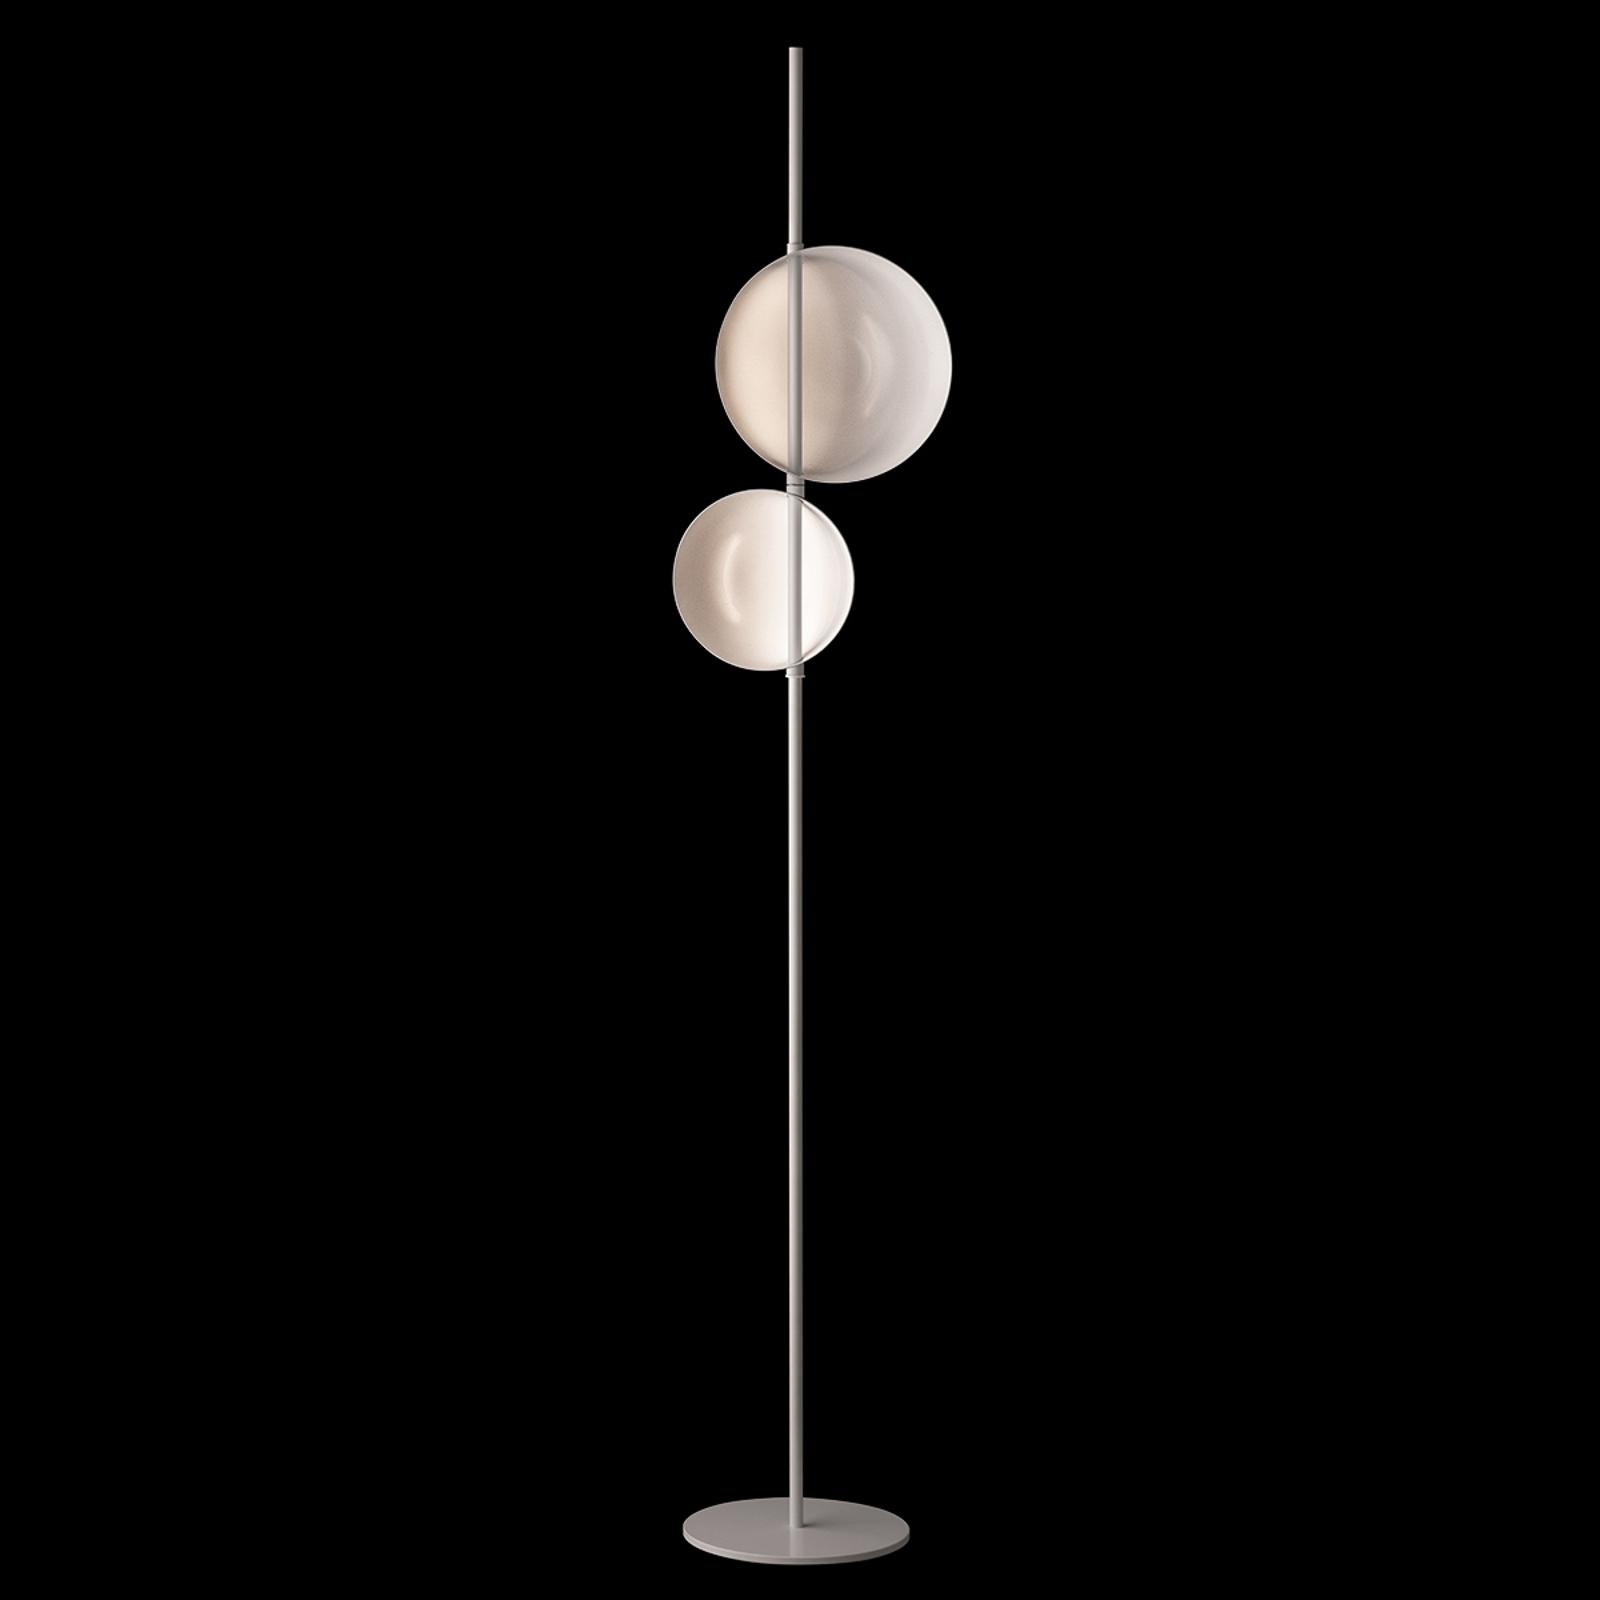 Oluce Superluna - design vloerlamp met LEDs